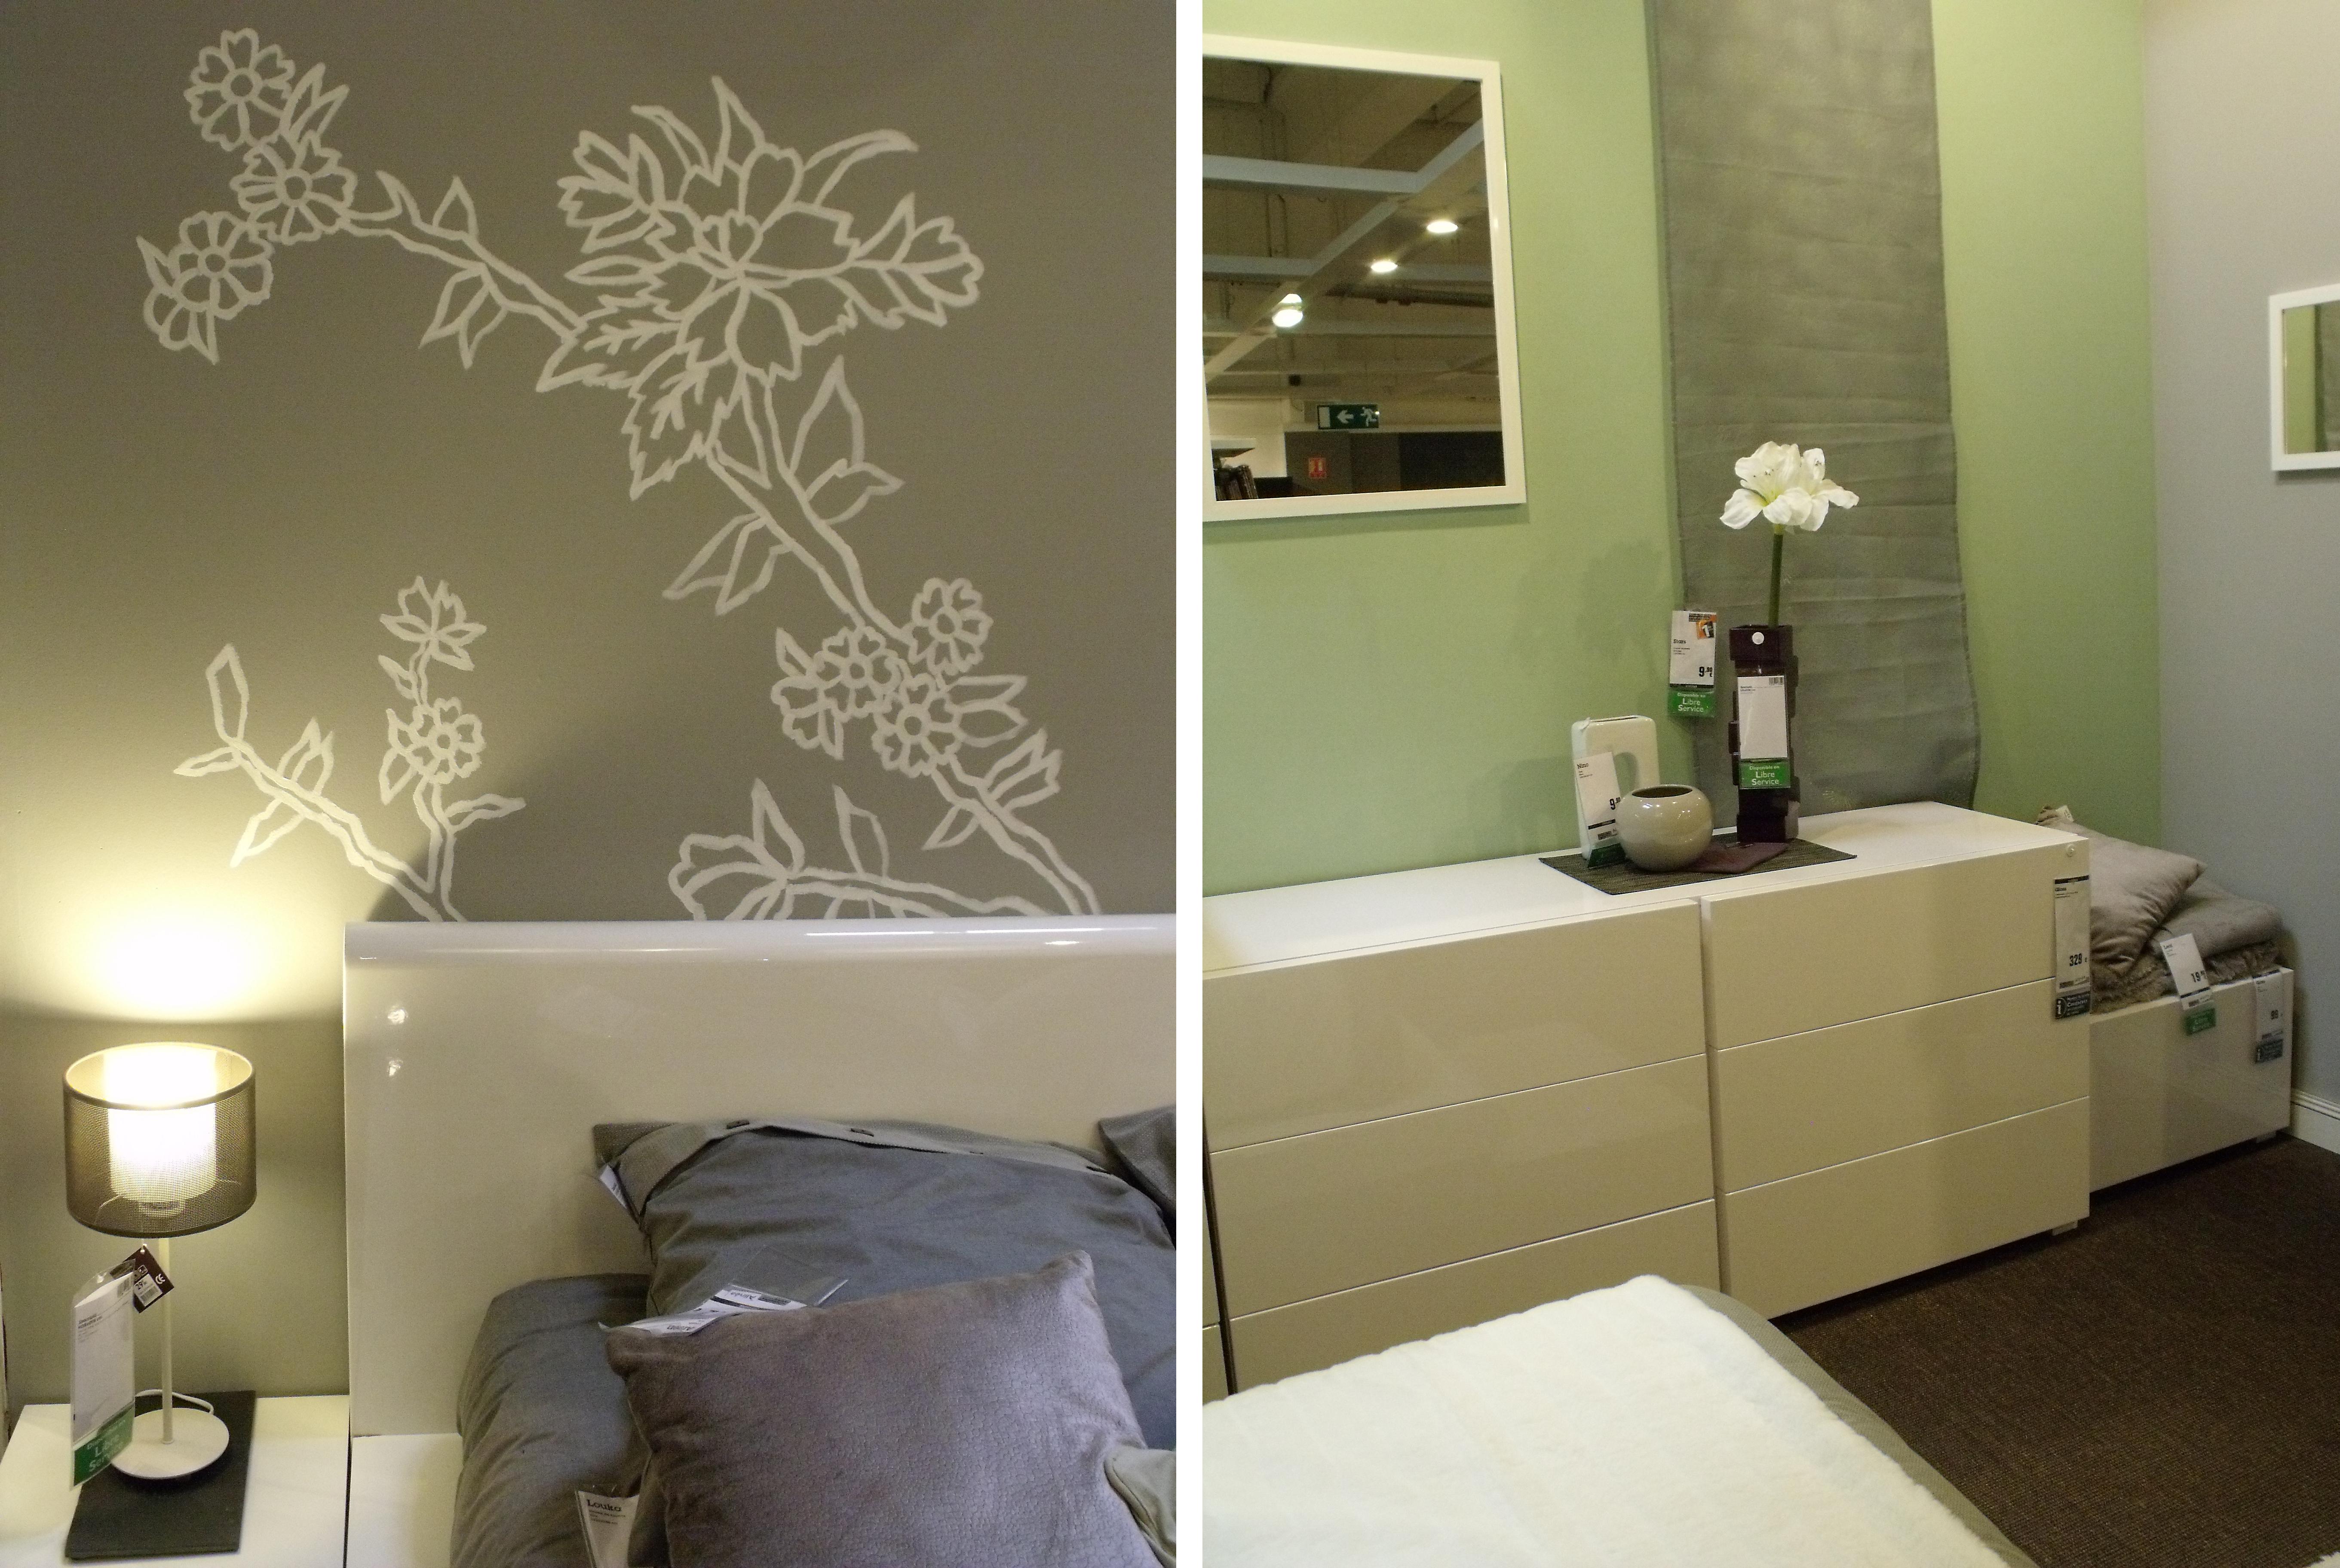 D coration d une chambre coucher apaisante - Decoration d une chambre ...